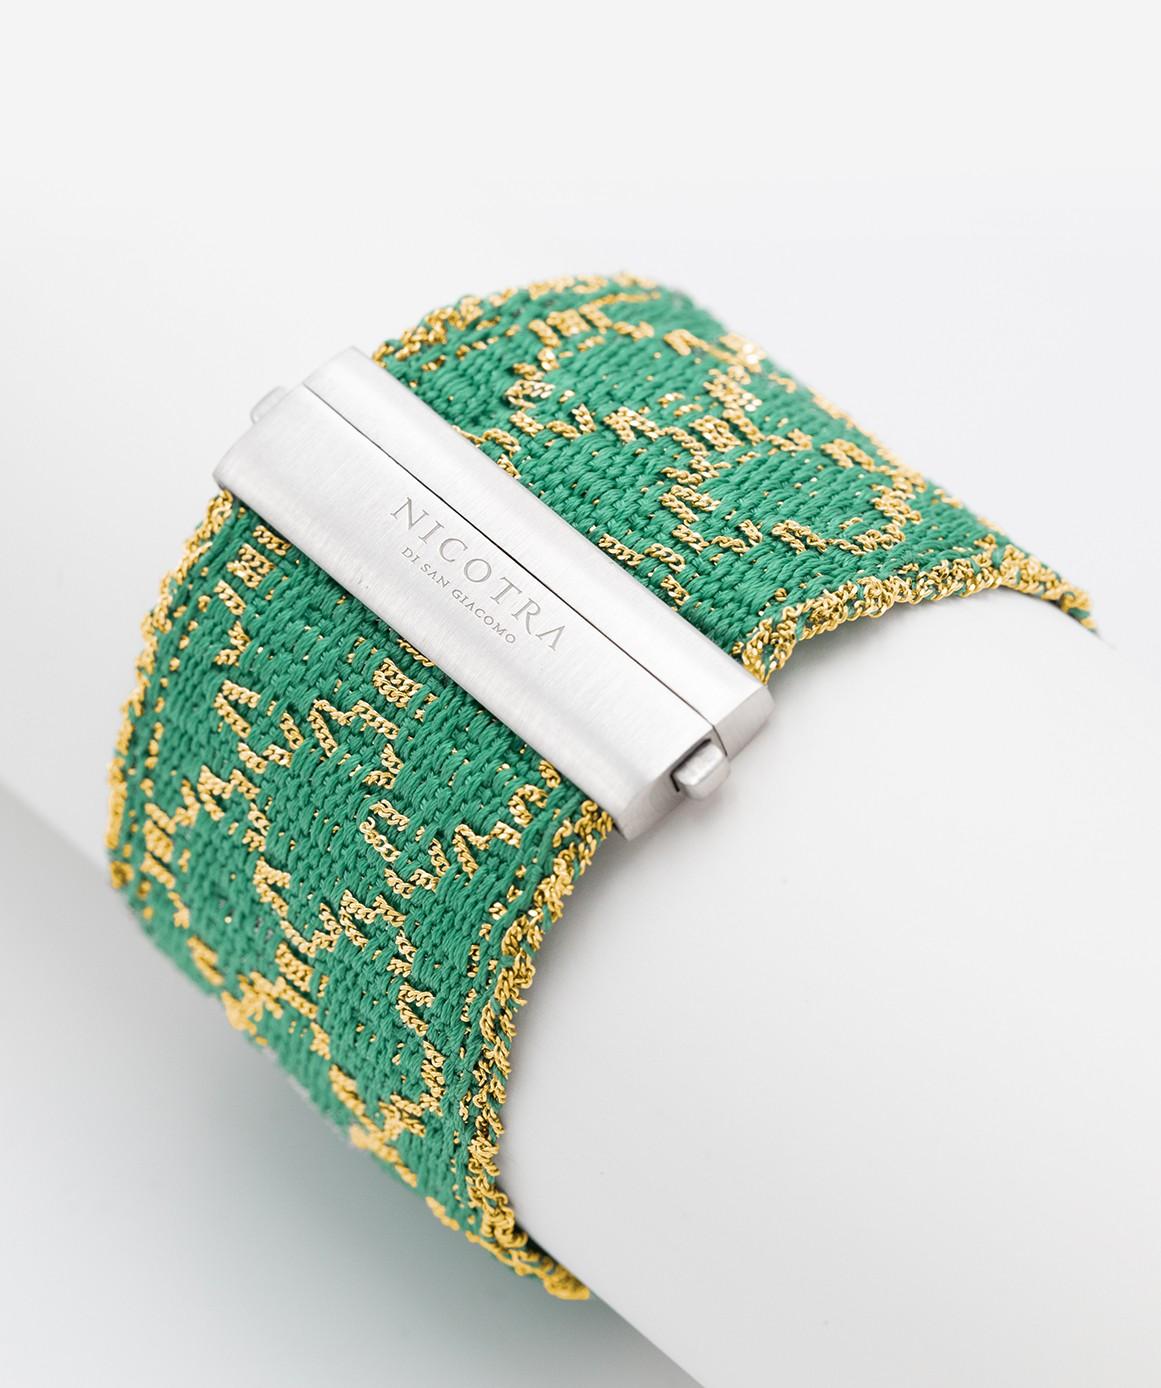 Bracciale ROMBO in Argento 925 bagno oro Giallo 18Kt. Tessuto: Seta Smeraldo